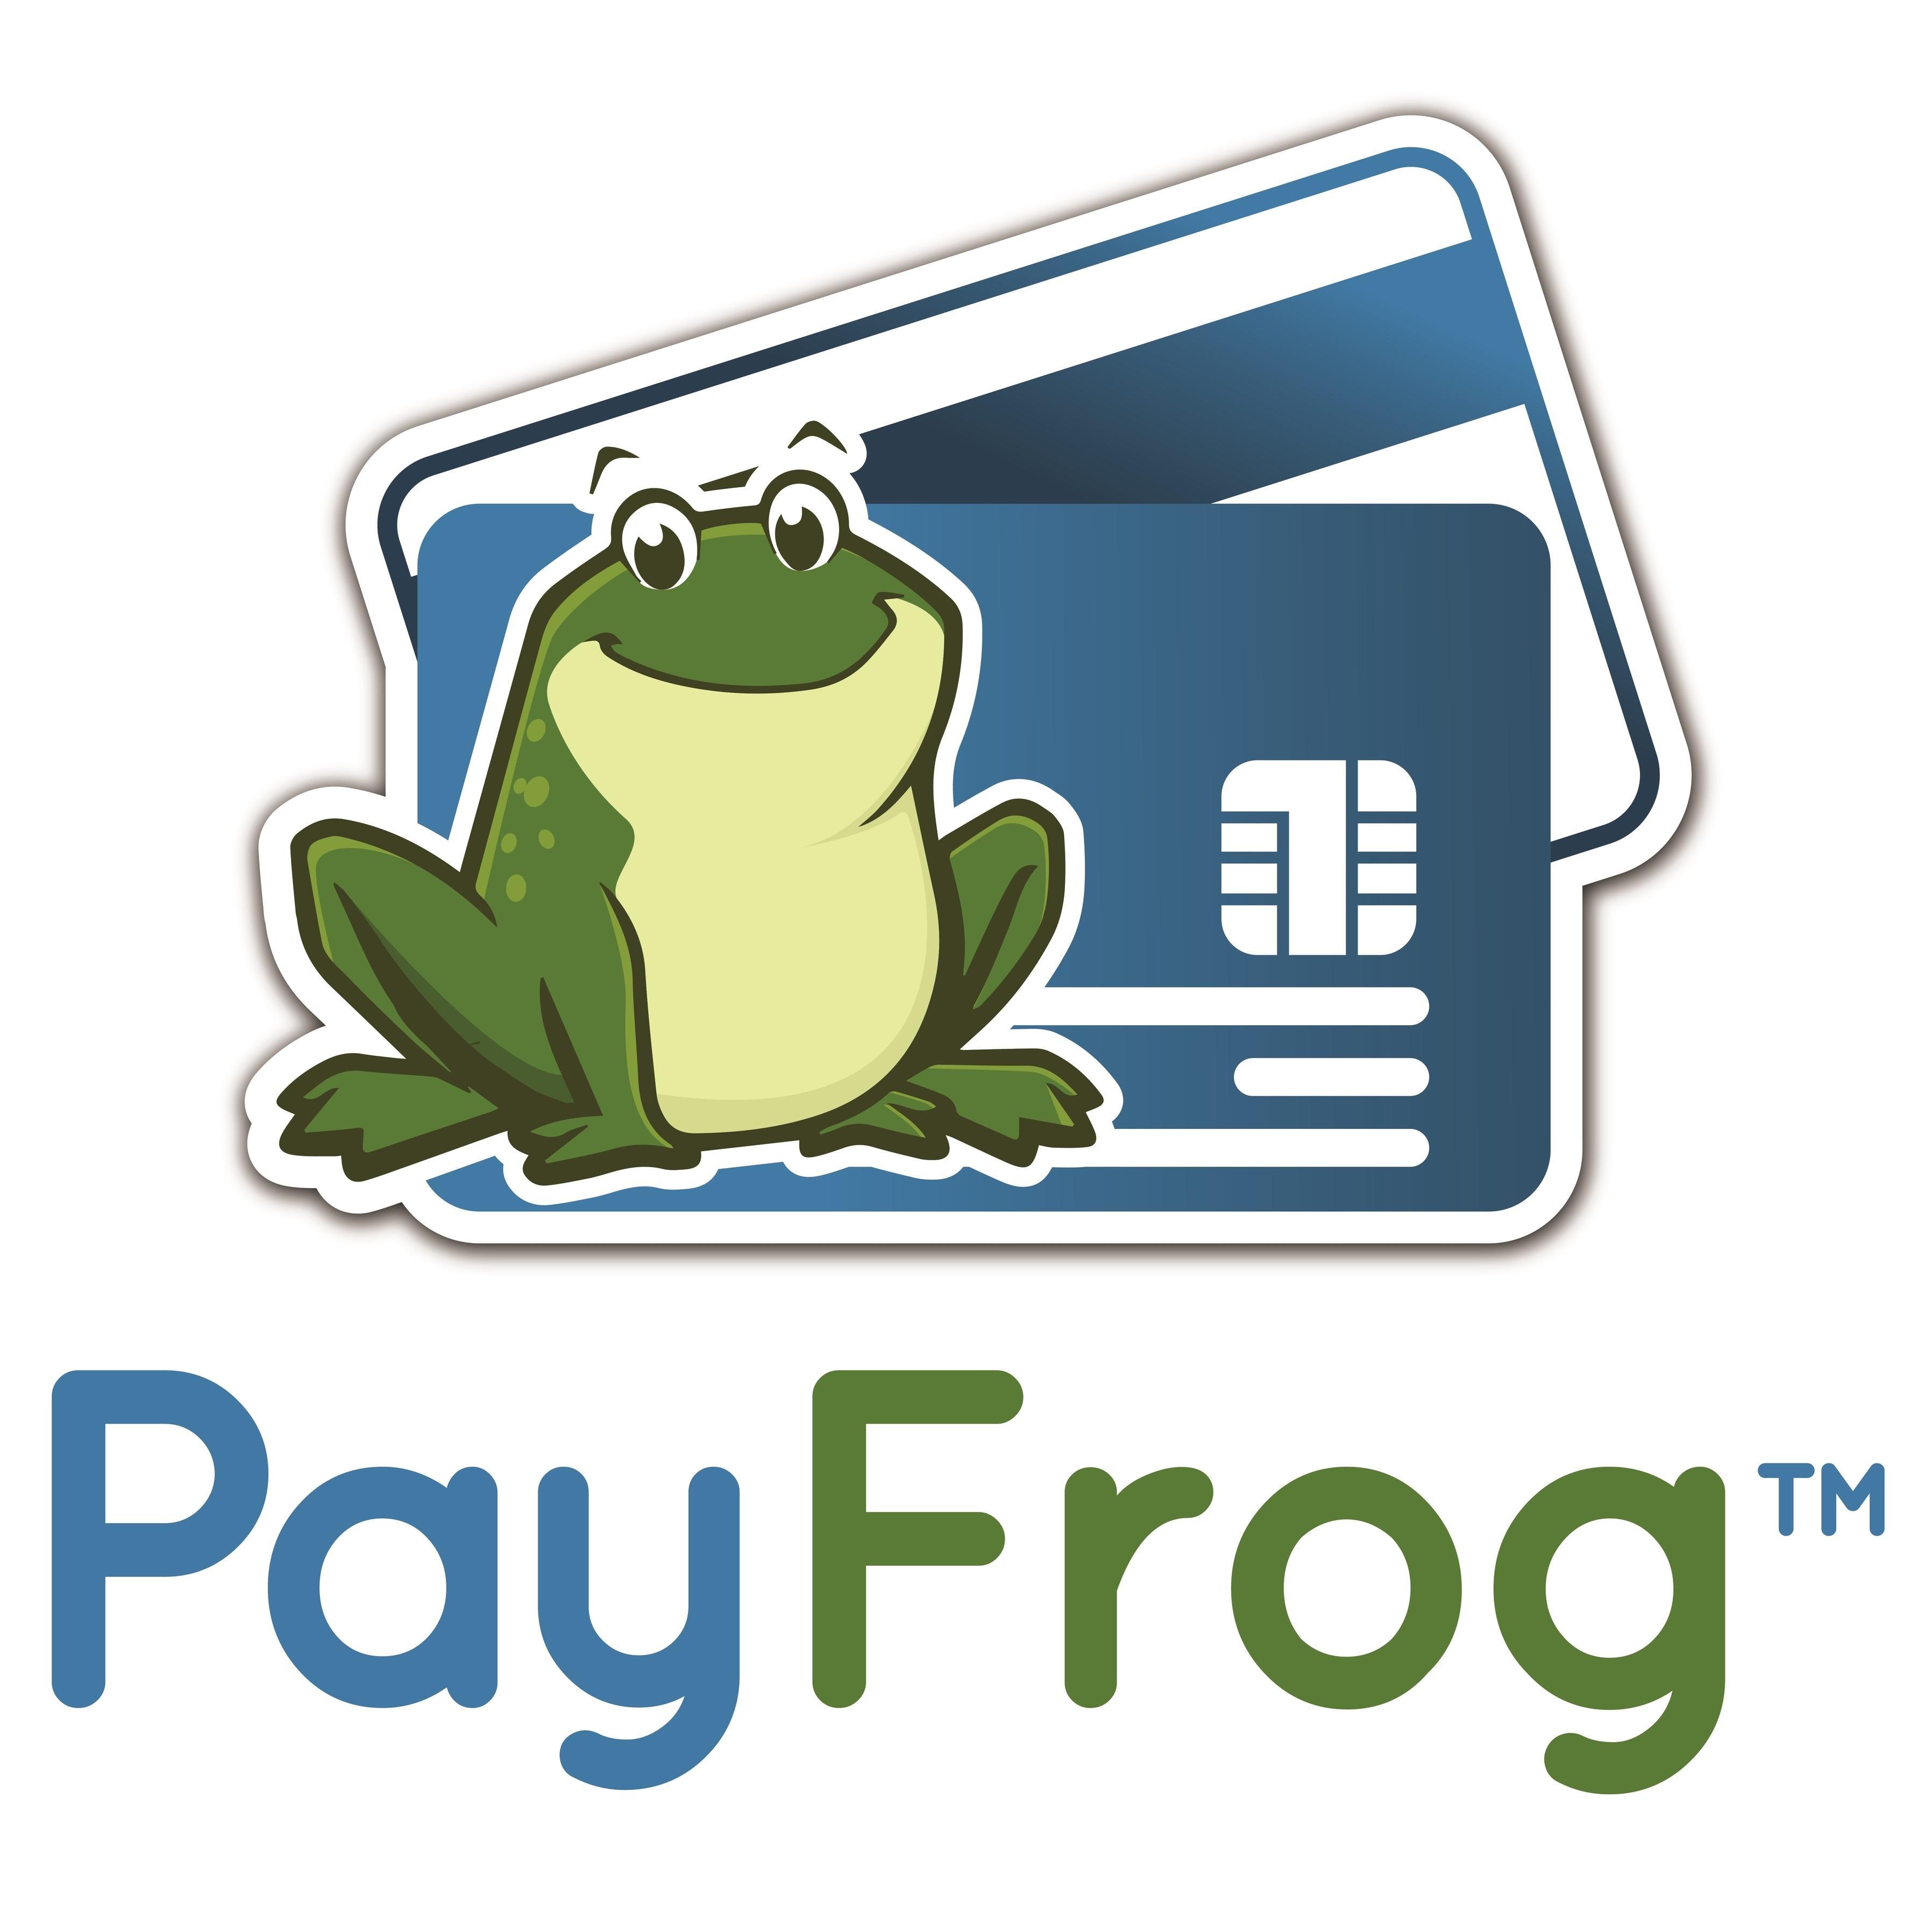 PayFrog image 10